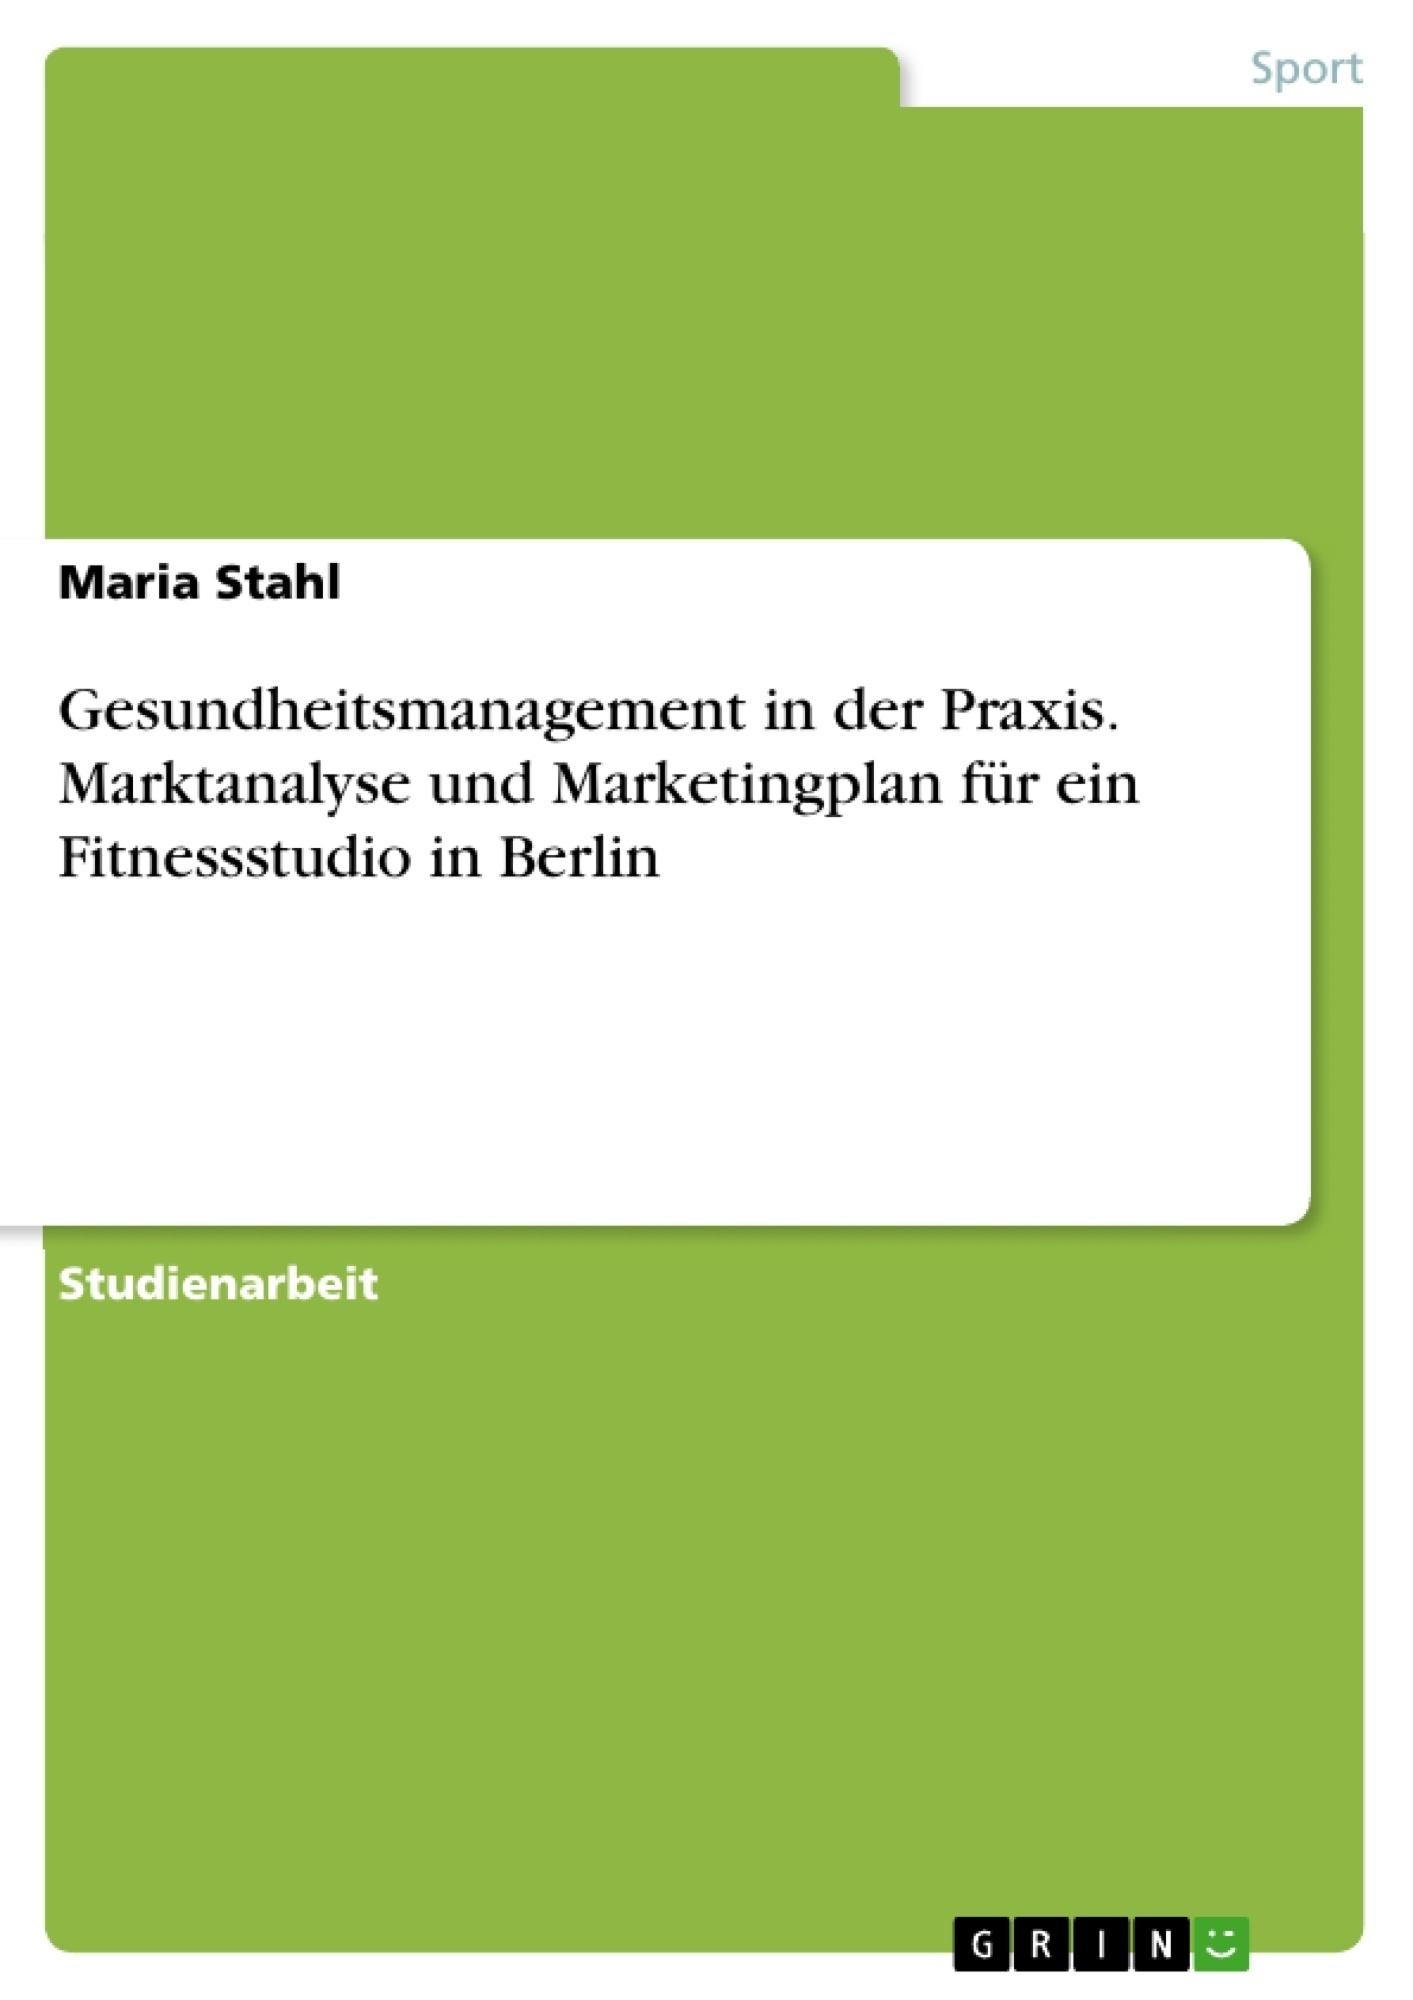 Titel: Gesundheitsmanagement in der Praxis. Marktanalyse und Marketingplan für ein Fitnessstudio in Berlin